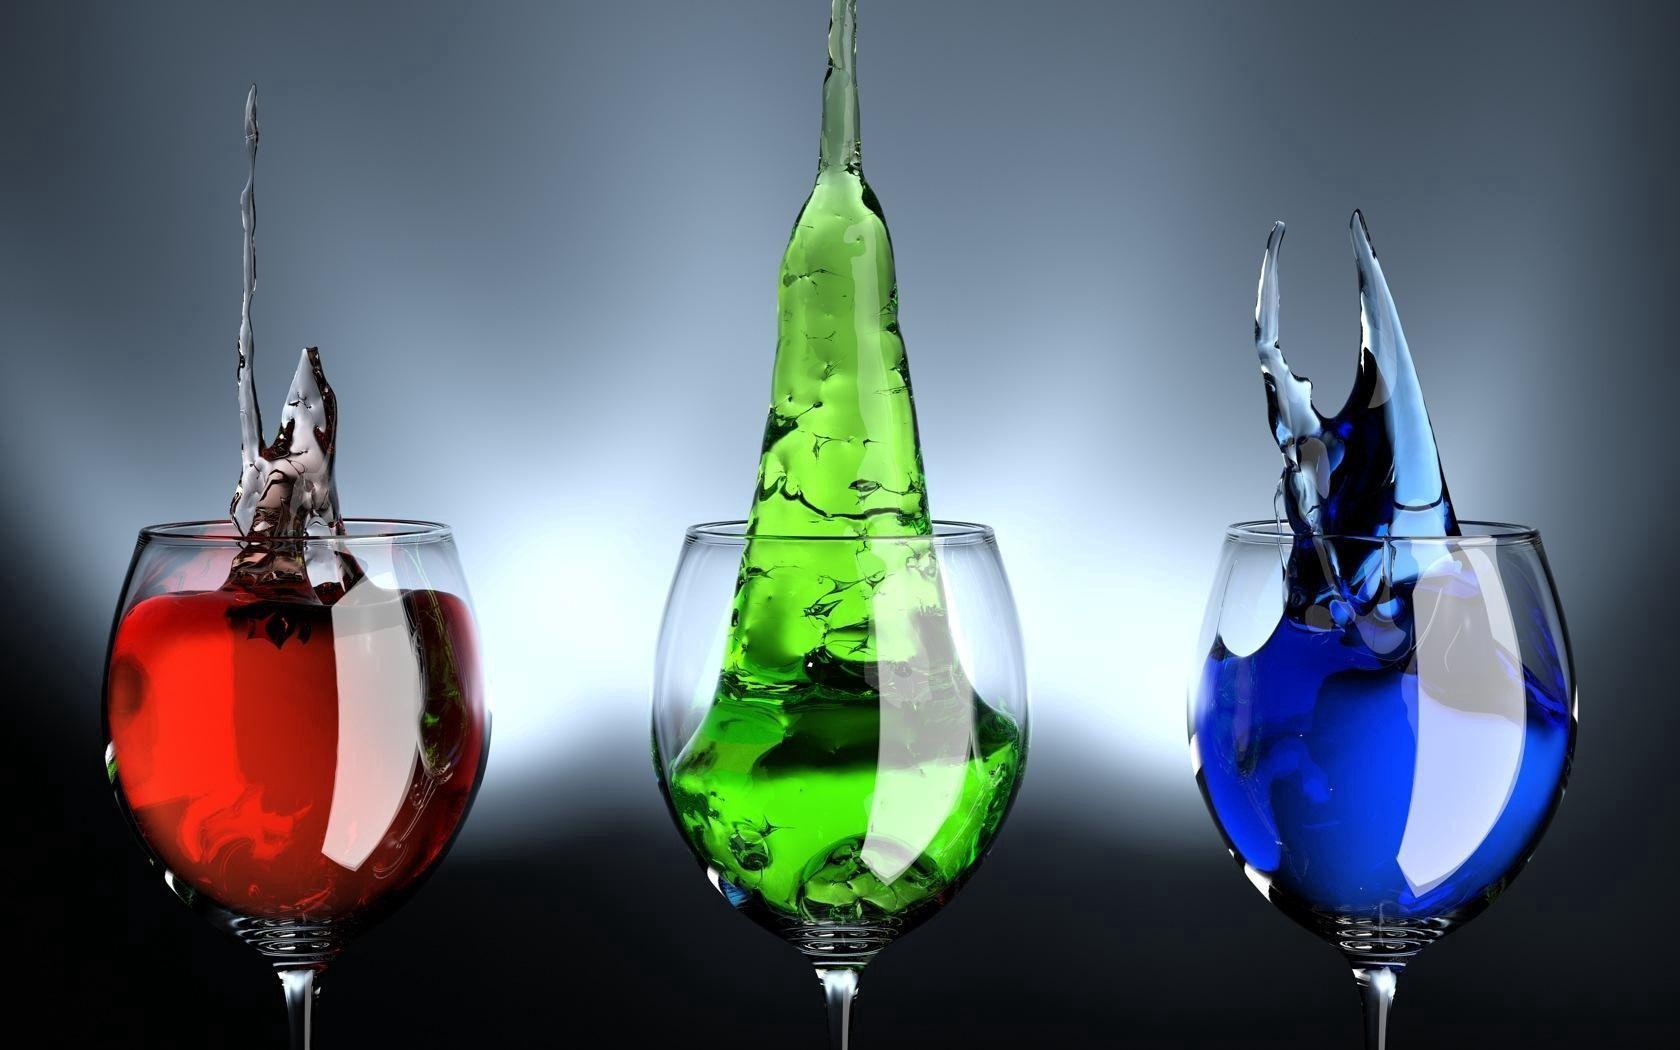 153948 Заставки и Обои Напитки на телефон. Скачать Напитки, Еда, Бокалы, Цветные картинки бесплатно